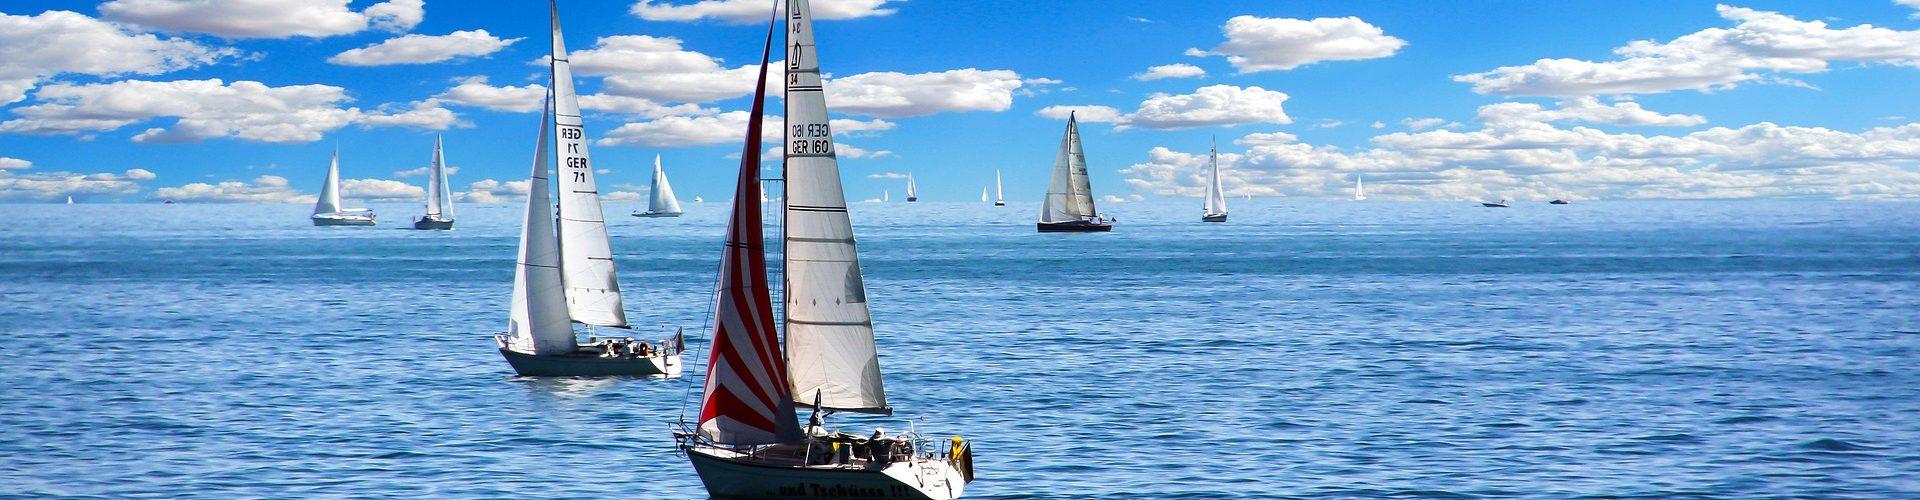 segeln lernen in Bischberg segelschein machen in Bischberg 1920x500 - Segeln lernen in Bischberg